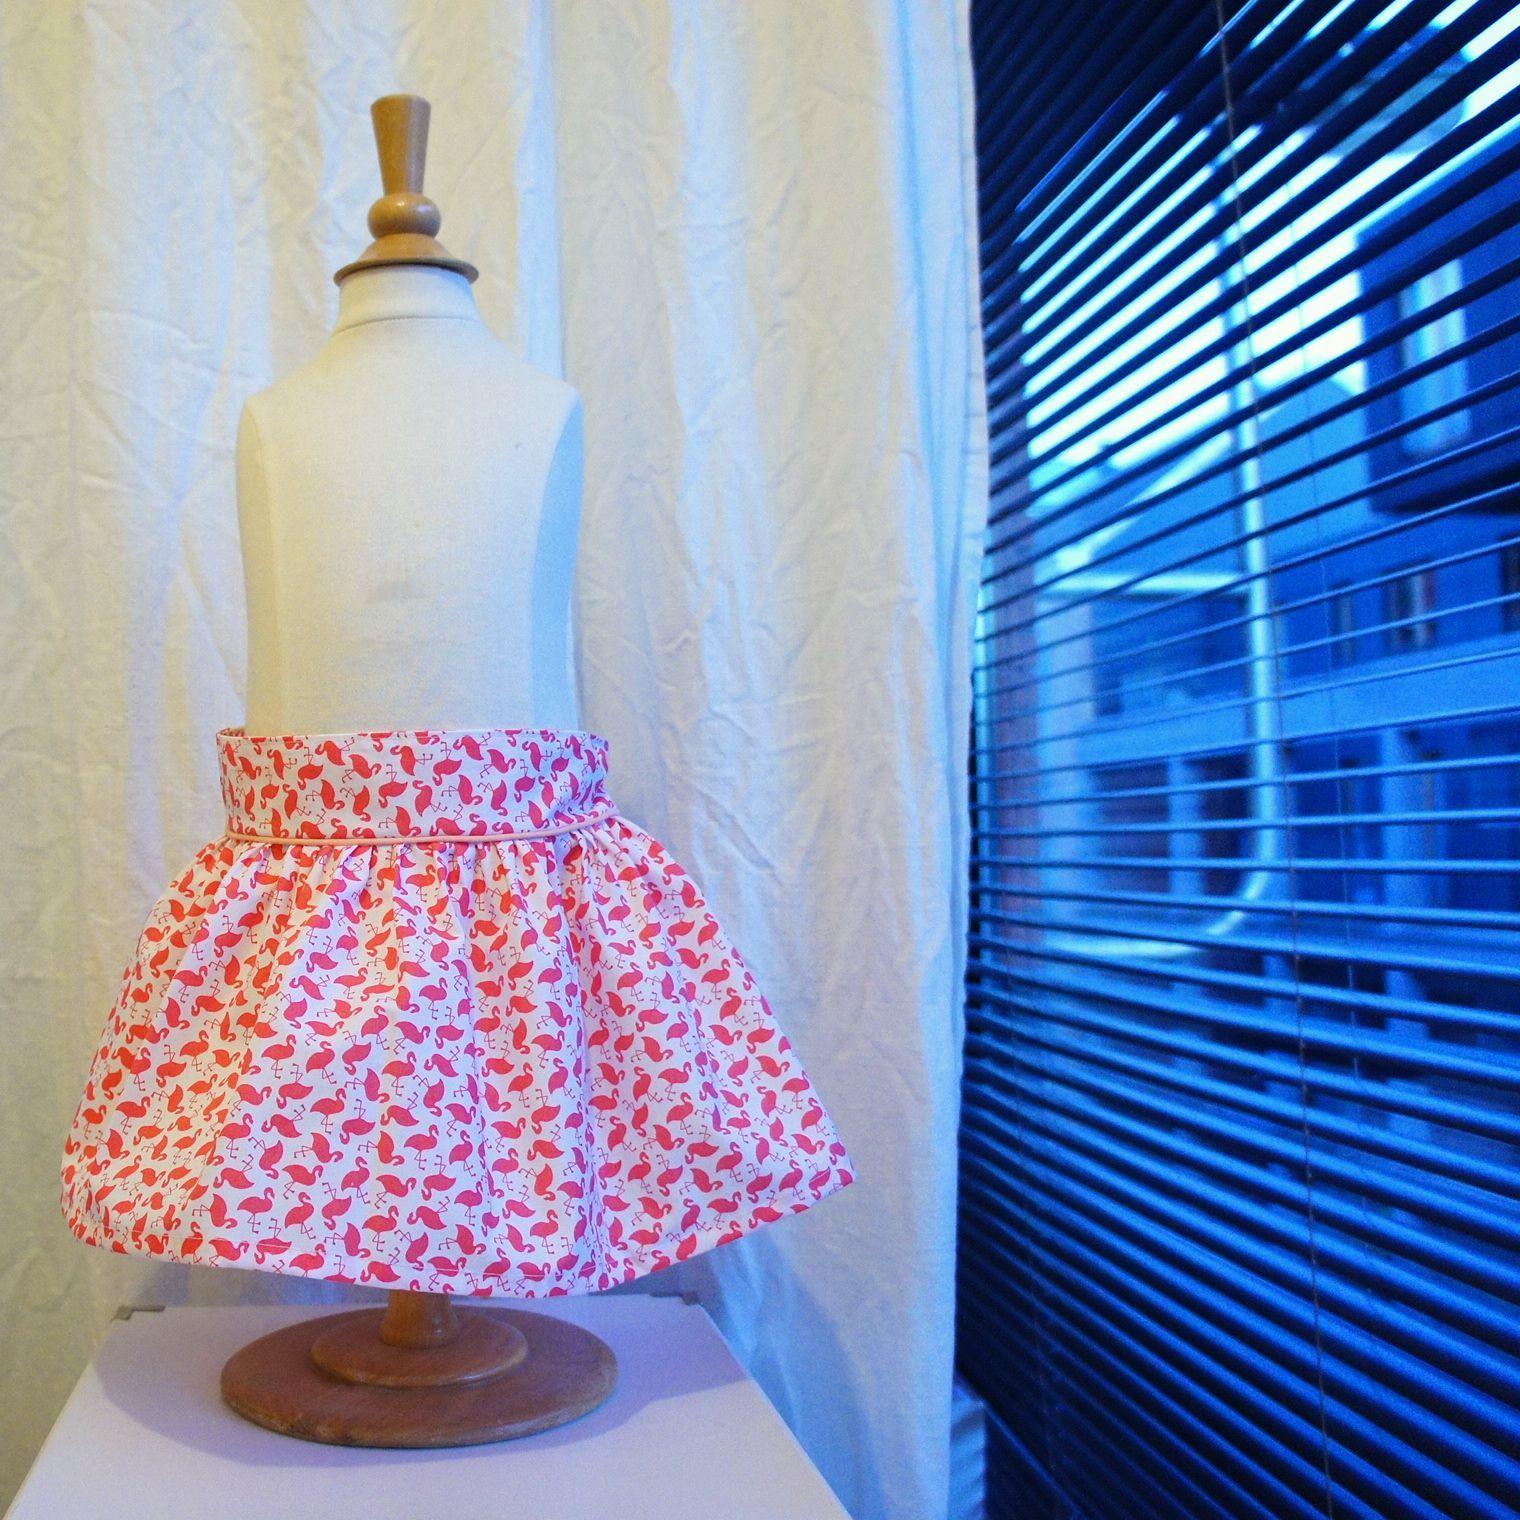 Petit plaisir pour la fille d'une amie, une jupe corolle à flamands roses très girly!